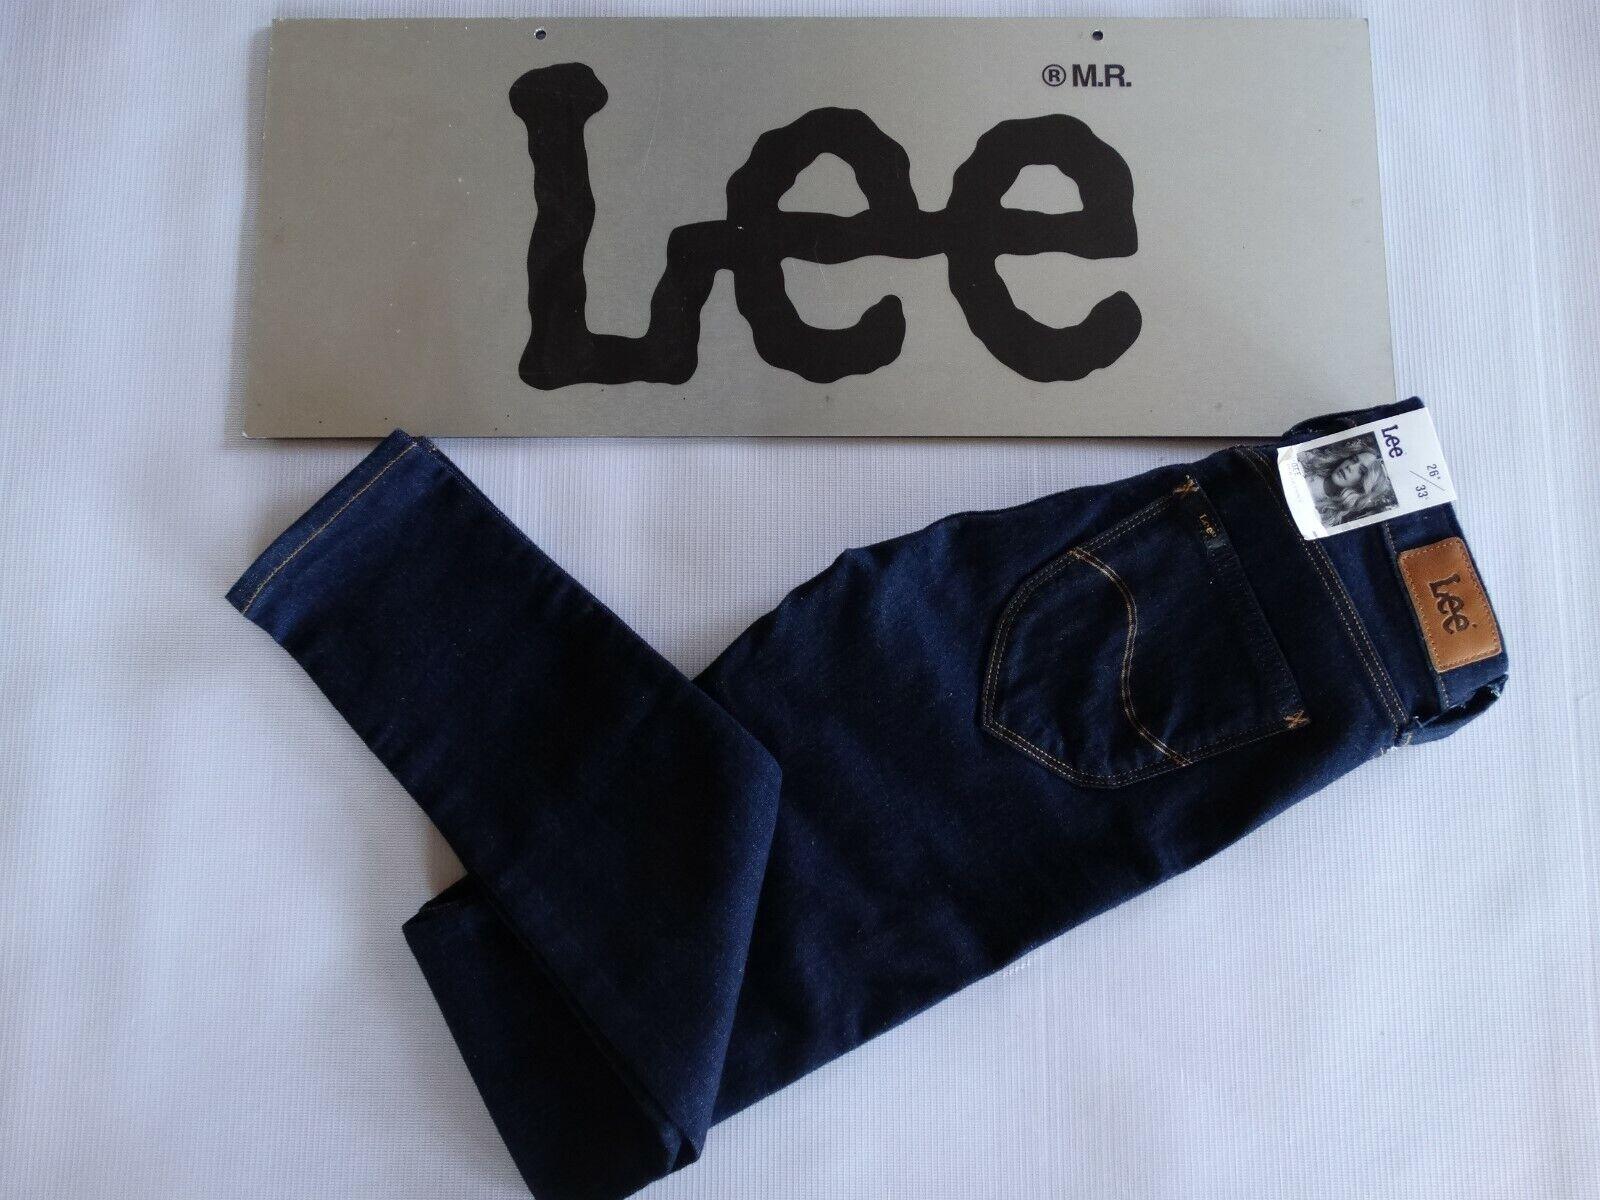 LEE Jodee - Super Skinny - One Wash, L529HA45 - BNWT